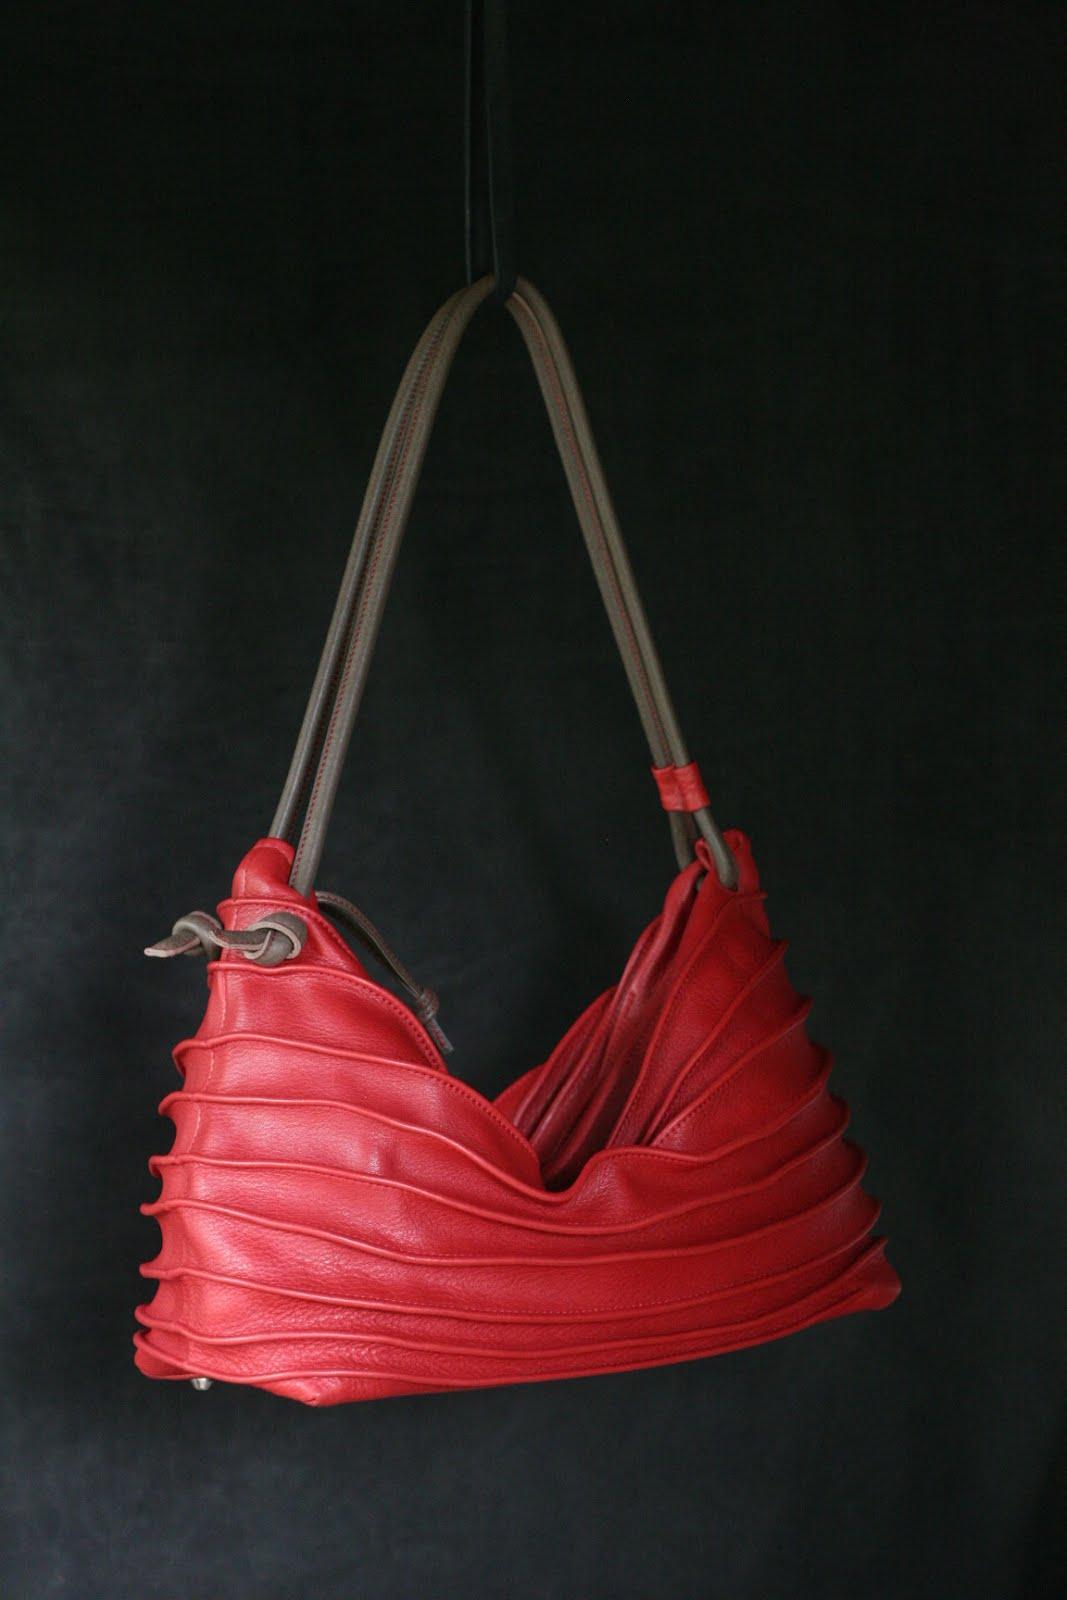 sac doublé